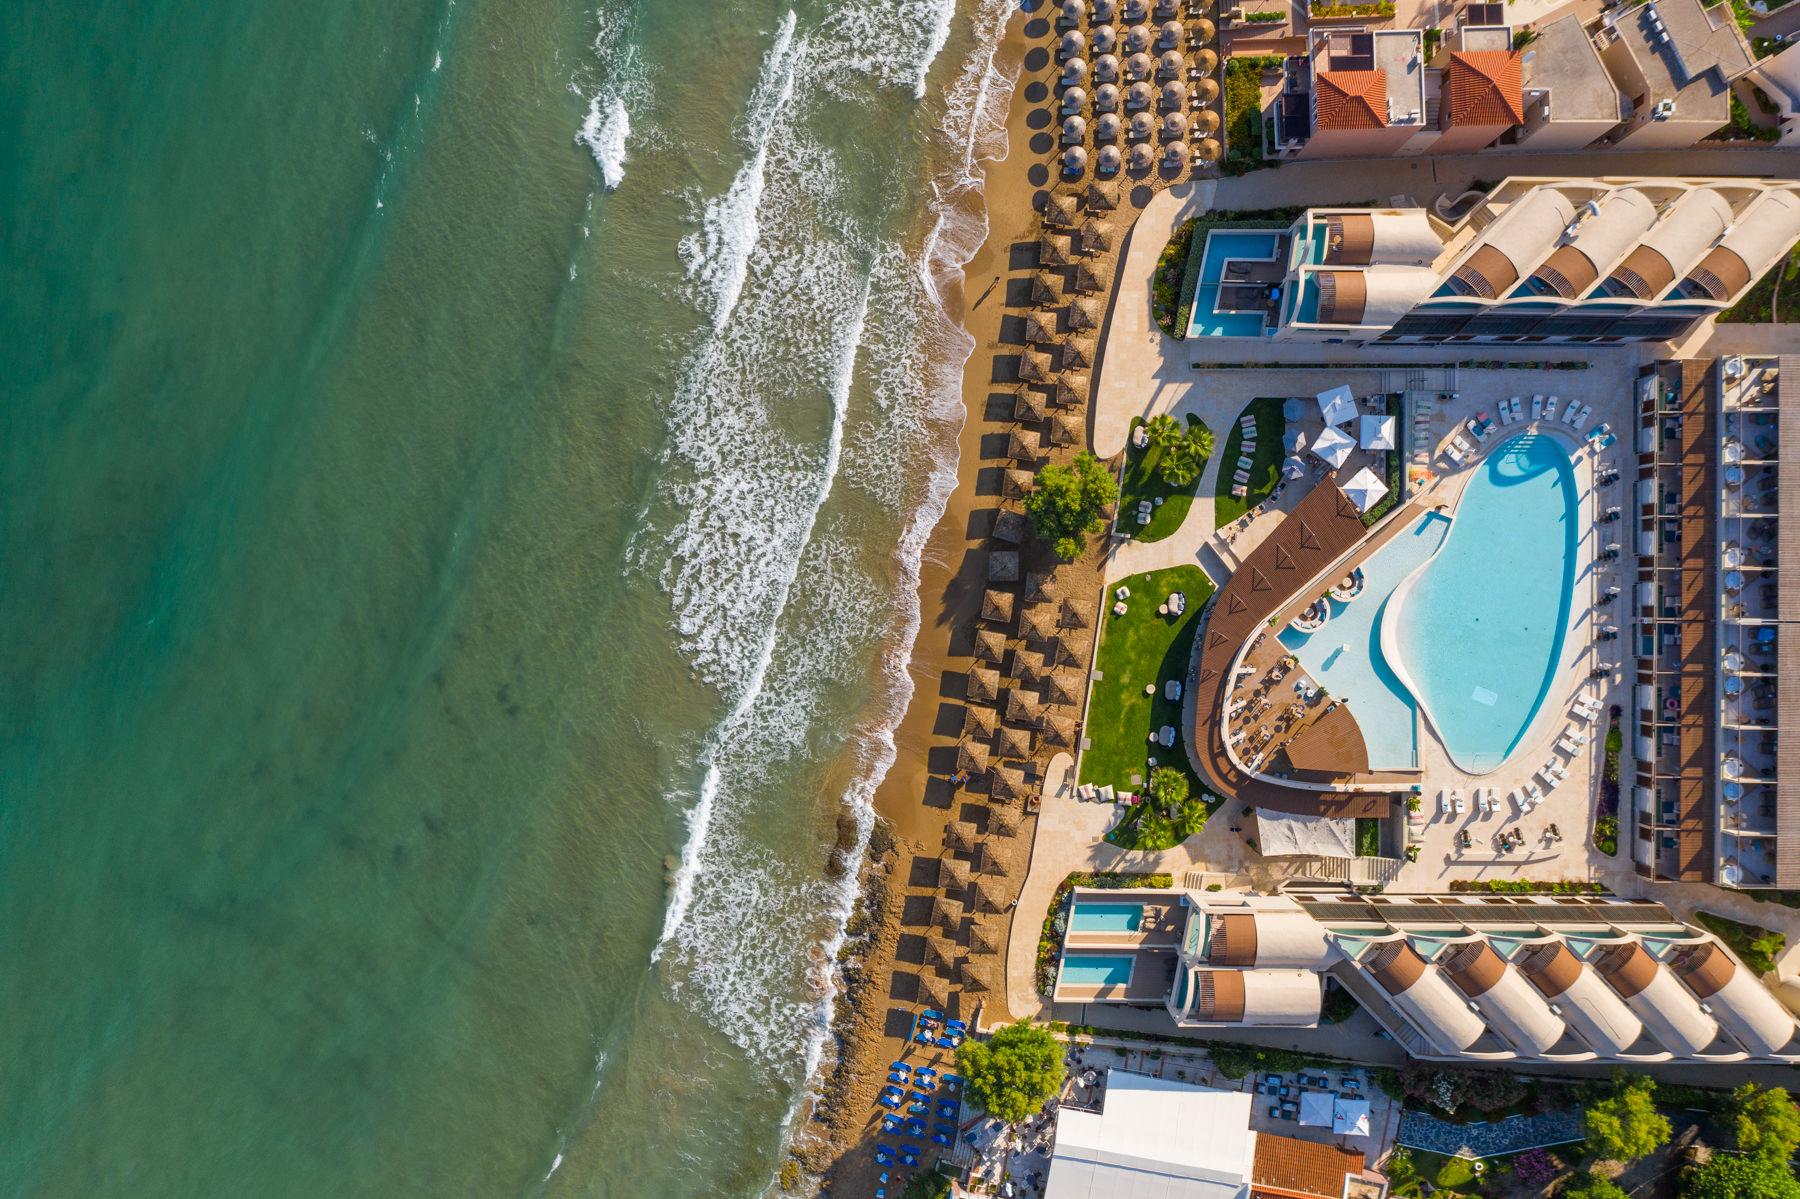 Domes Noruz, Autograph Collection Hotel, Γιώργος Φάκαρος - Αρχιτεκτονική Φωτογραφία | Εσωτερικοί Χώροι | Φωτογραφία Ξενοδοχειών - Photography / Φωτογραφία